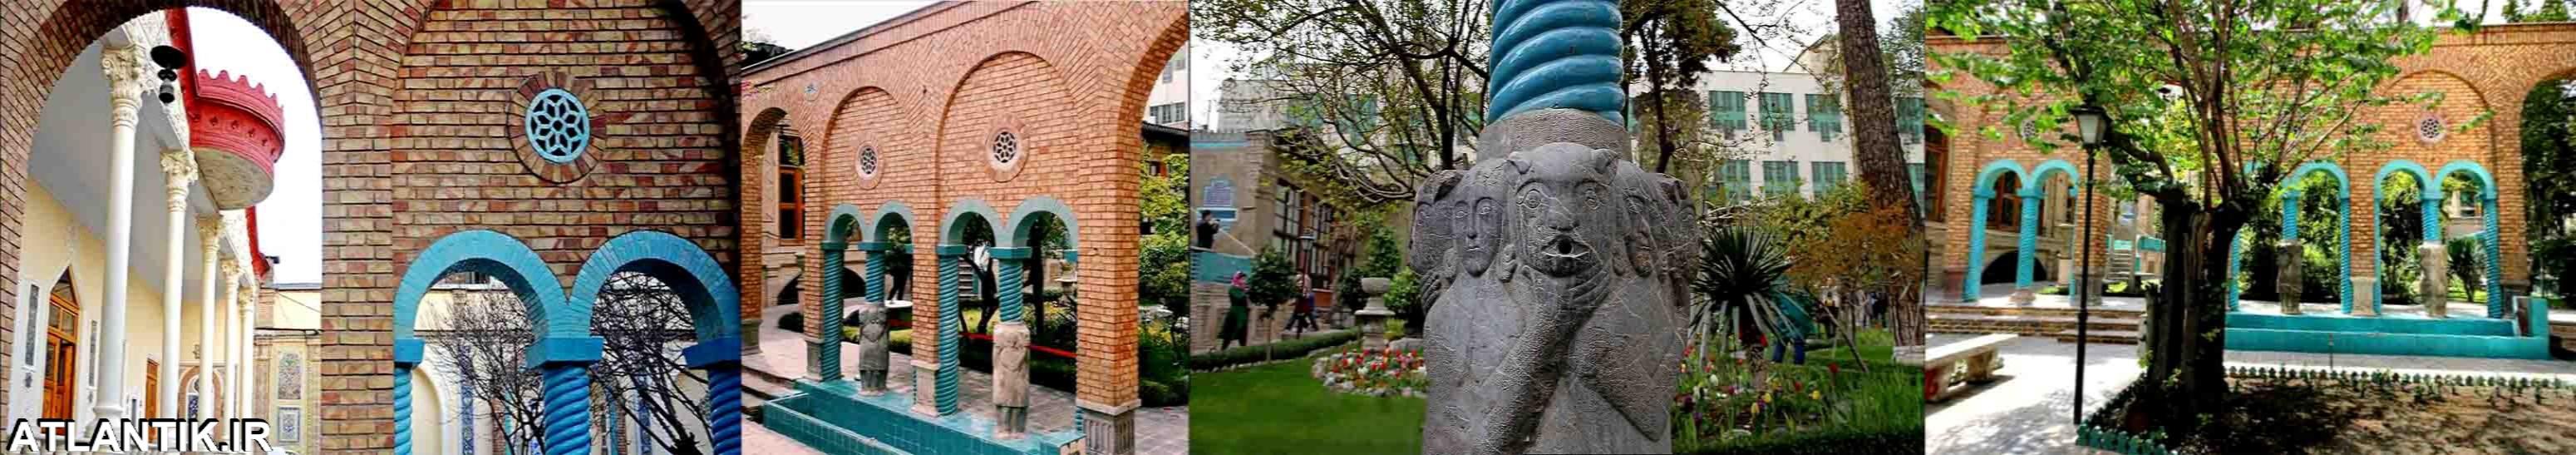 خانه موزه مقدم؛ حسن آباد منحصر به فرد ترین خانه ایران و جهان – گردشگری آتلانتیک